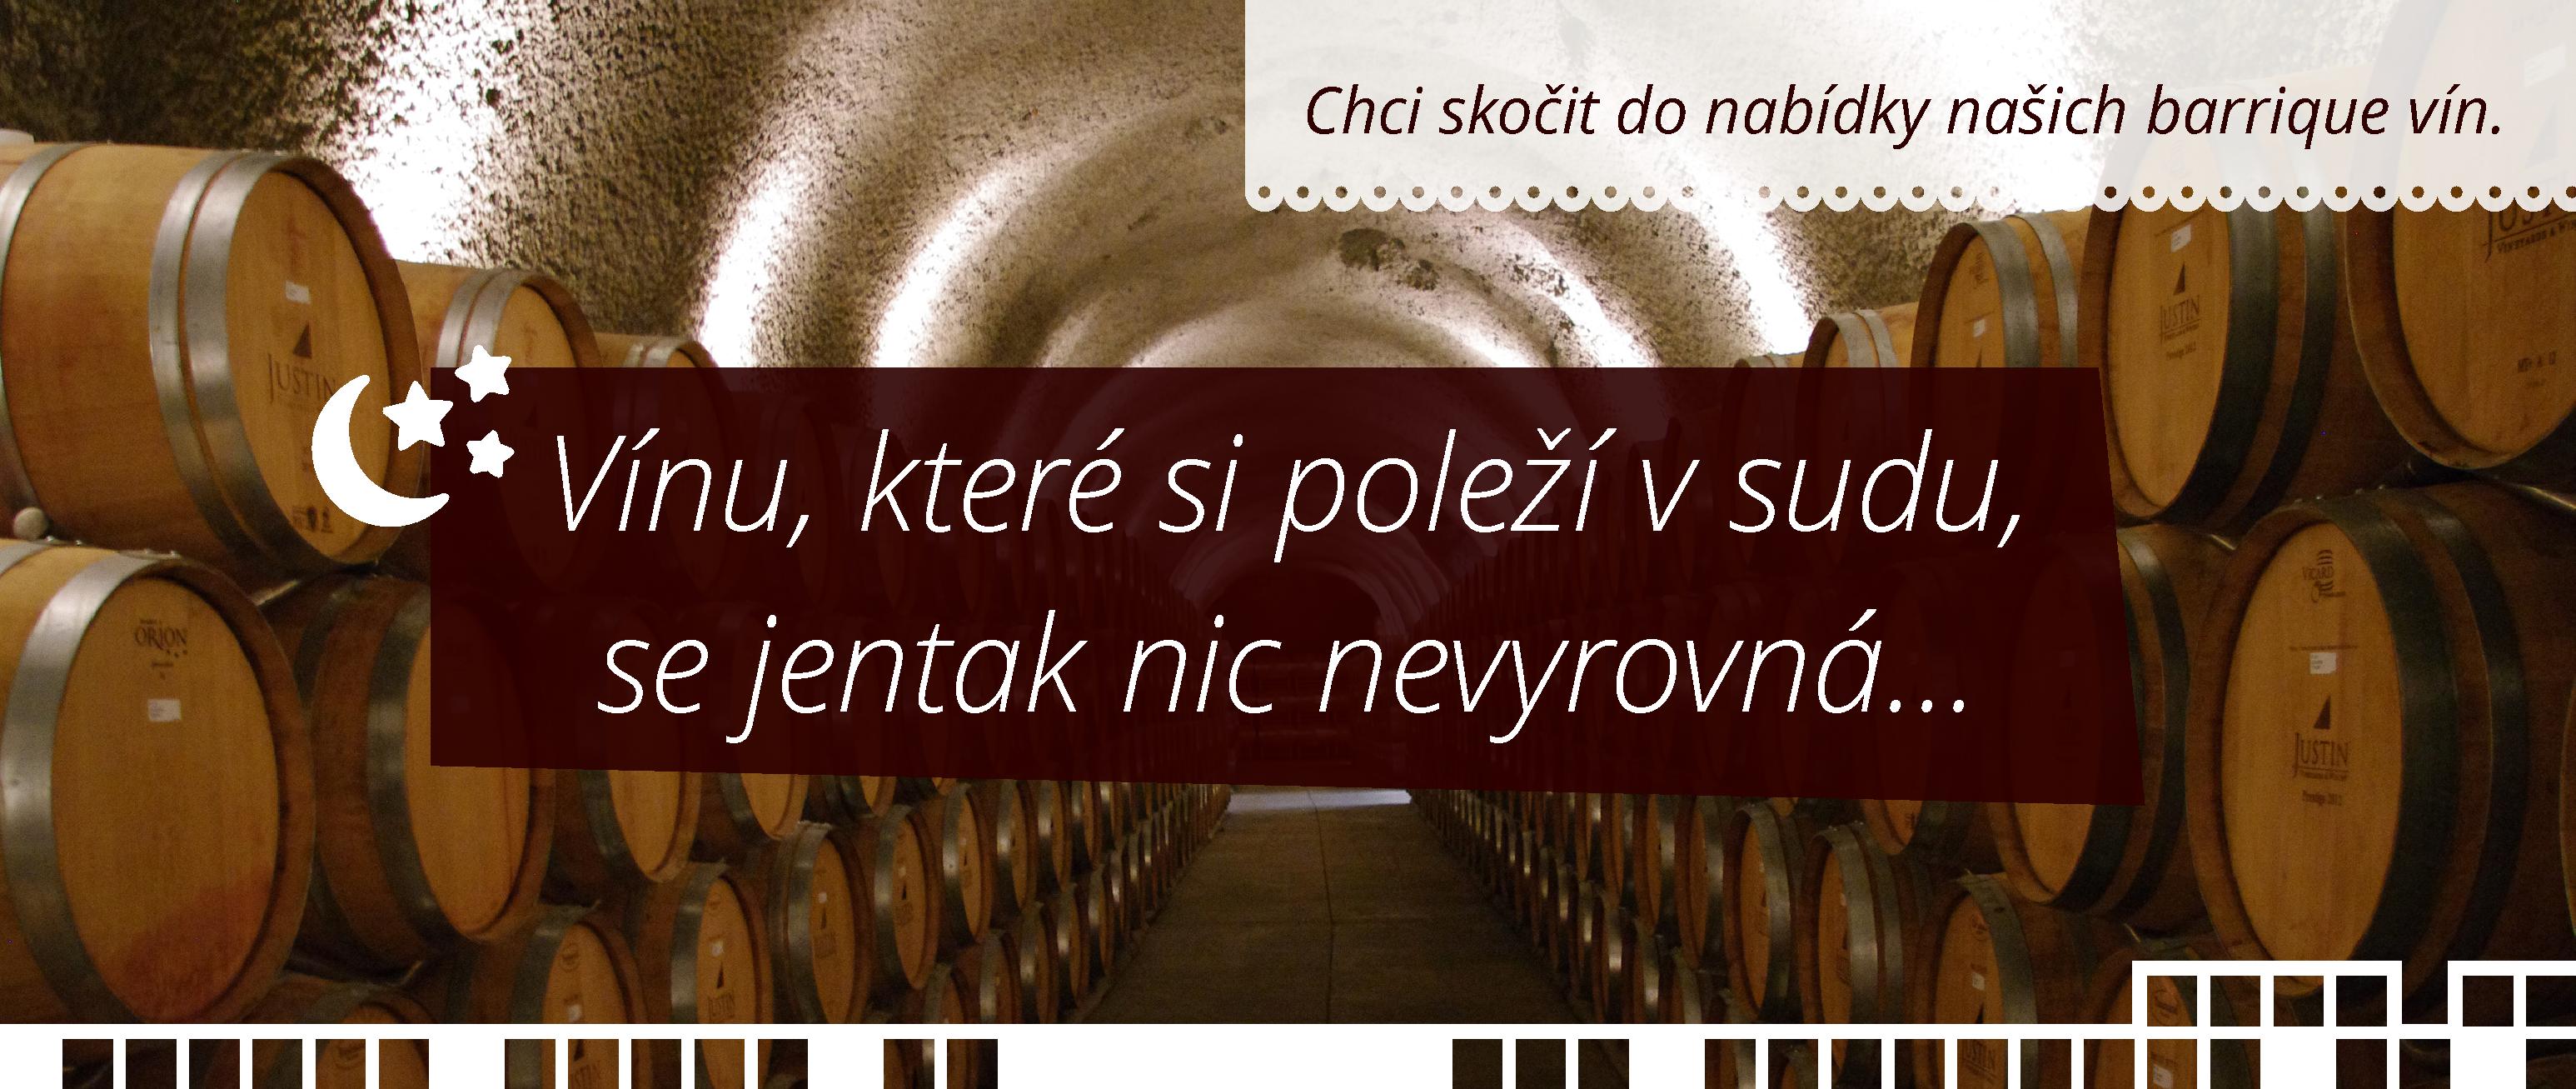 barrique-vino